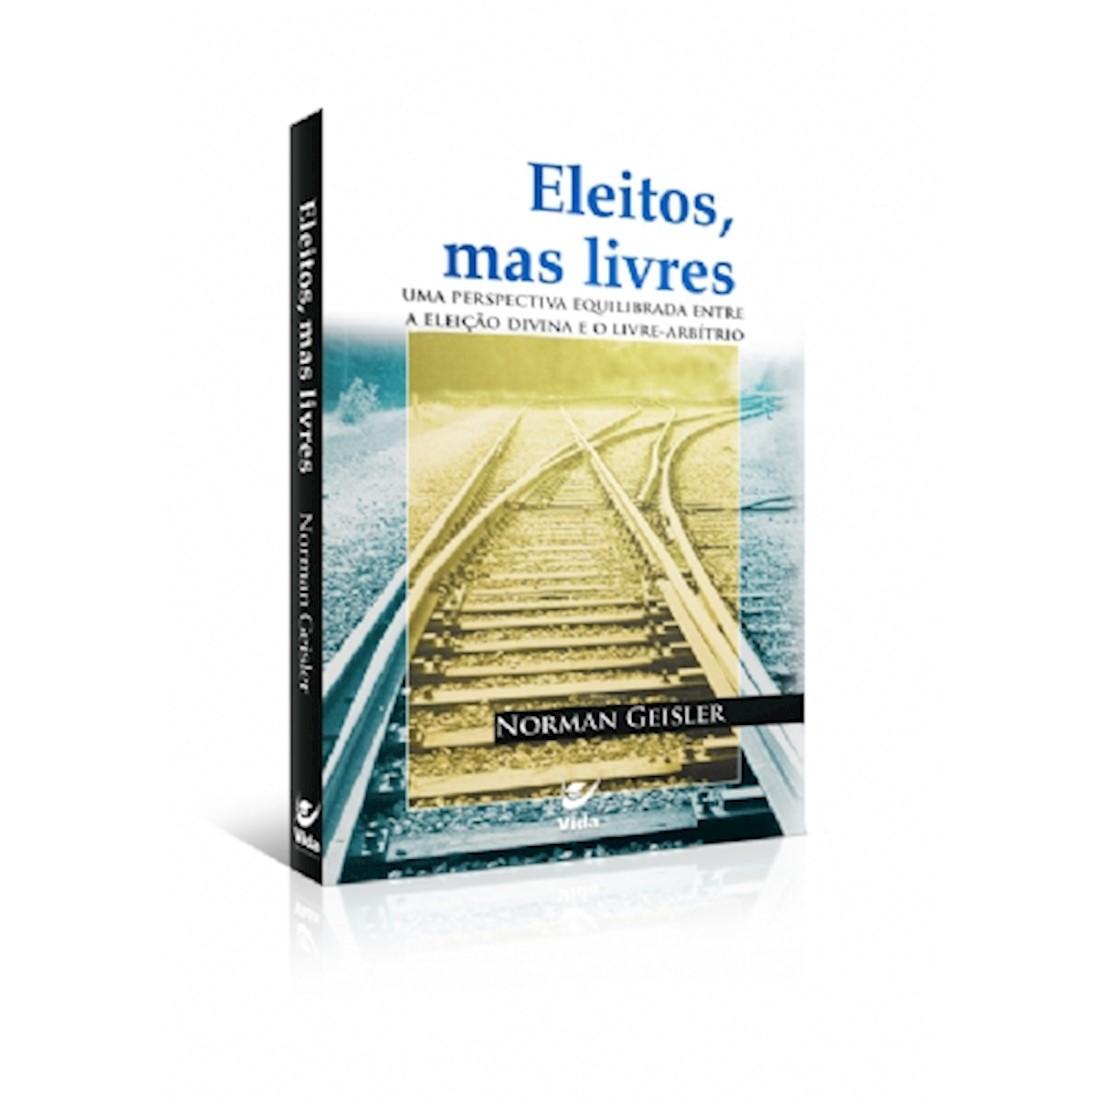 Livro Eleitos, mas Livres